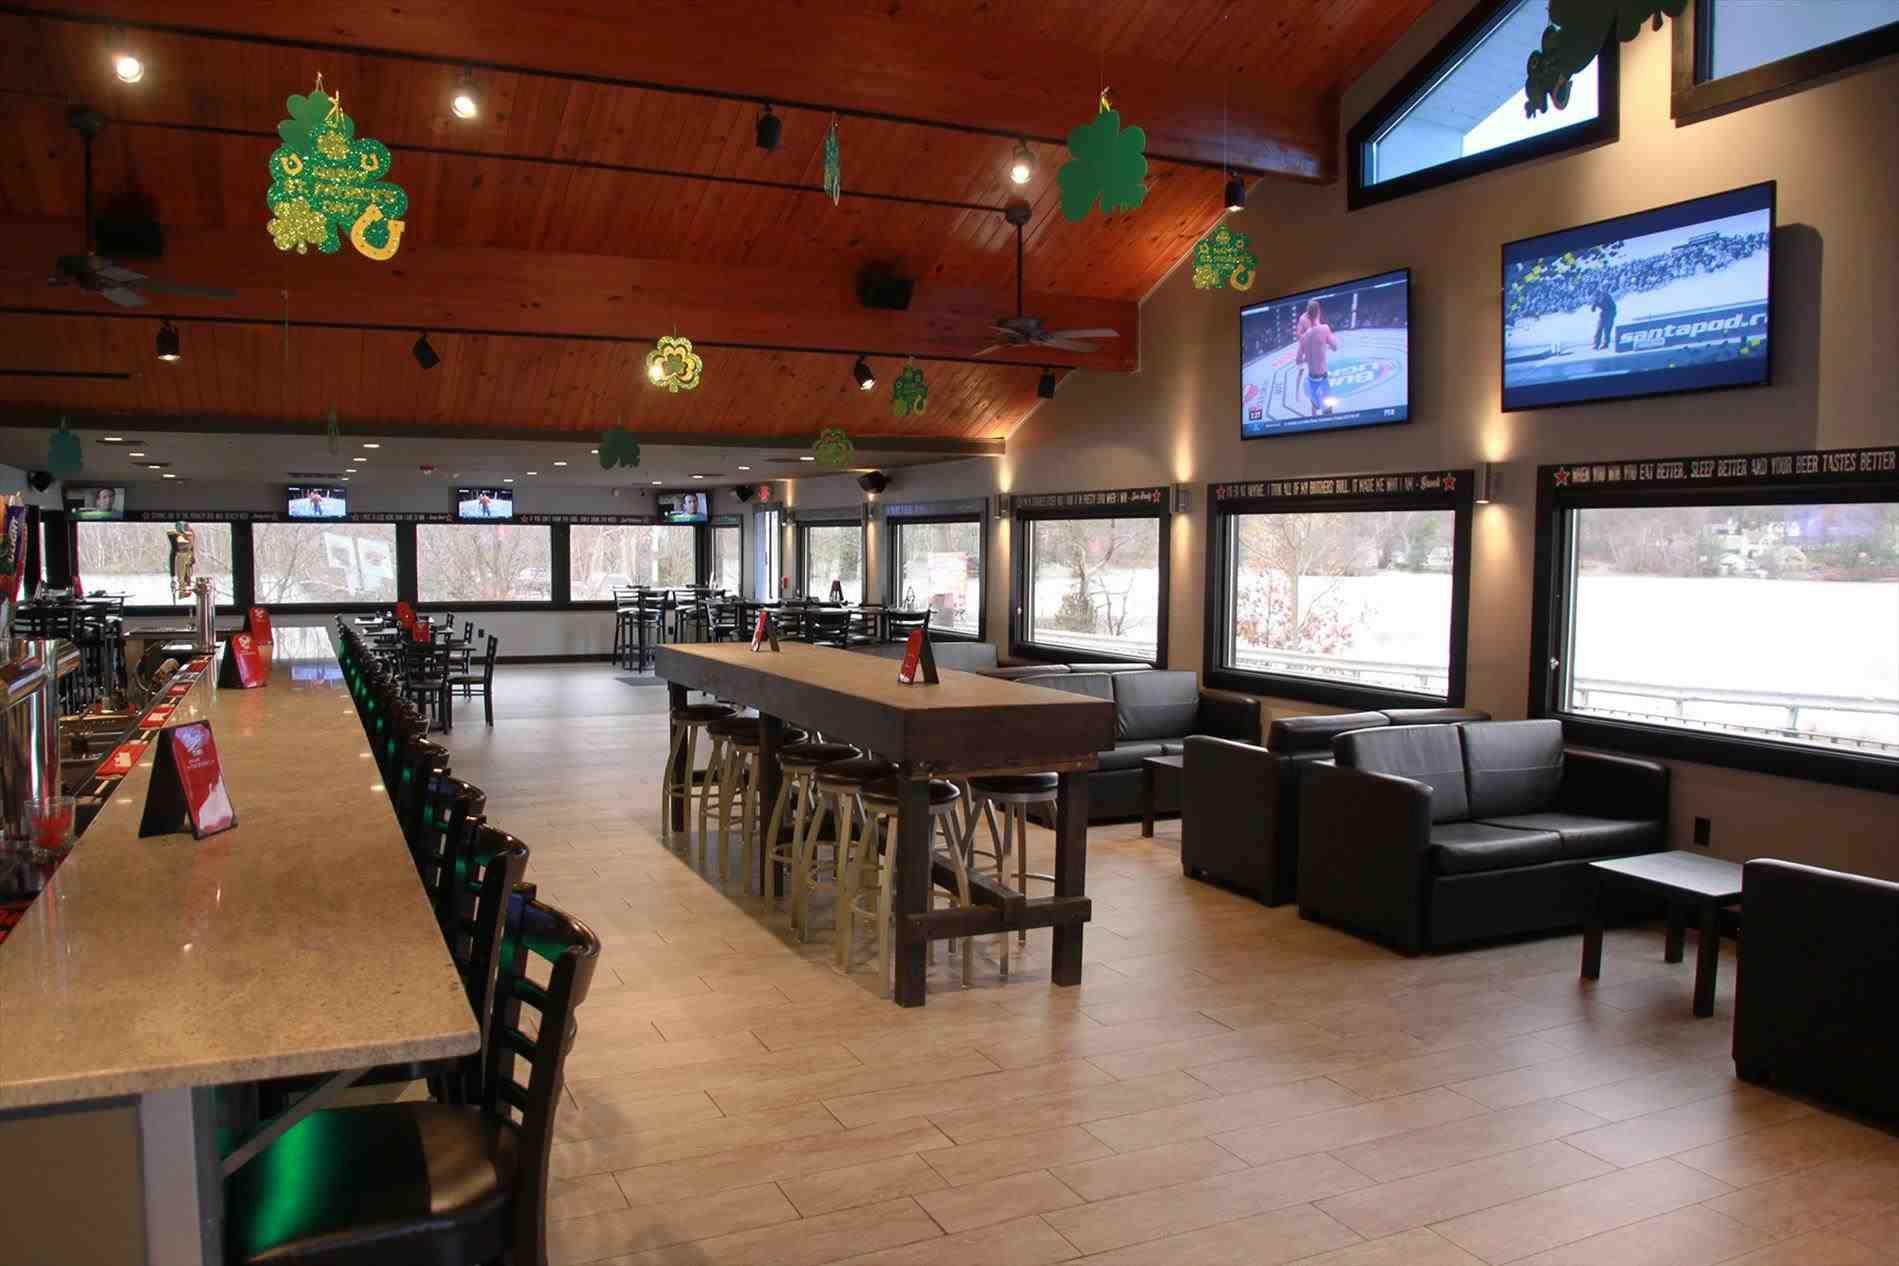 New Post modern sports bar design   Decors Ideas   Pinterest   Sport ...